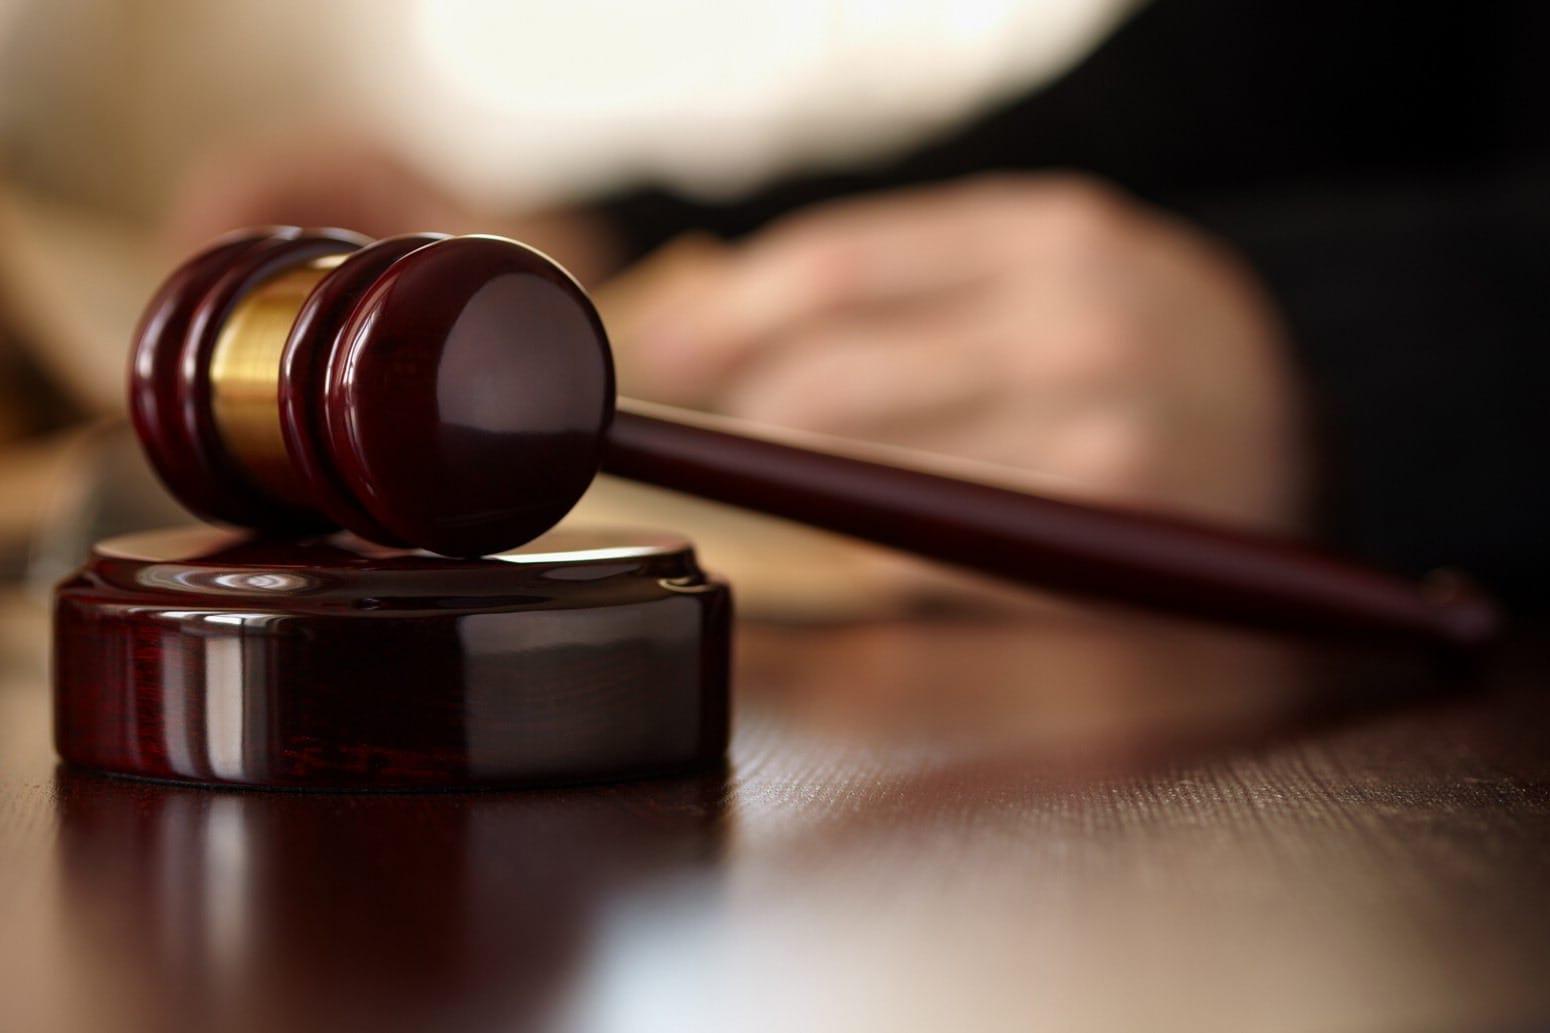 Assalto con coltello a tabaccheria di Vicofertile, complici condannati